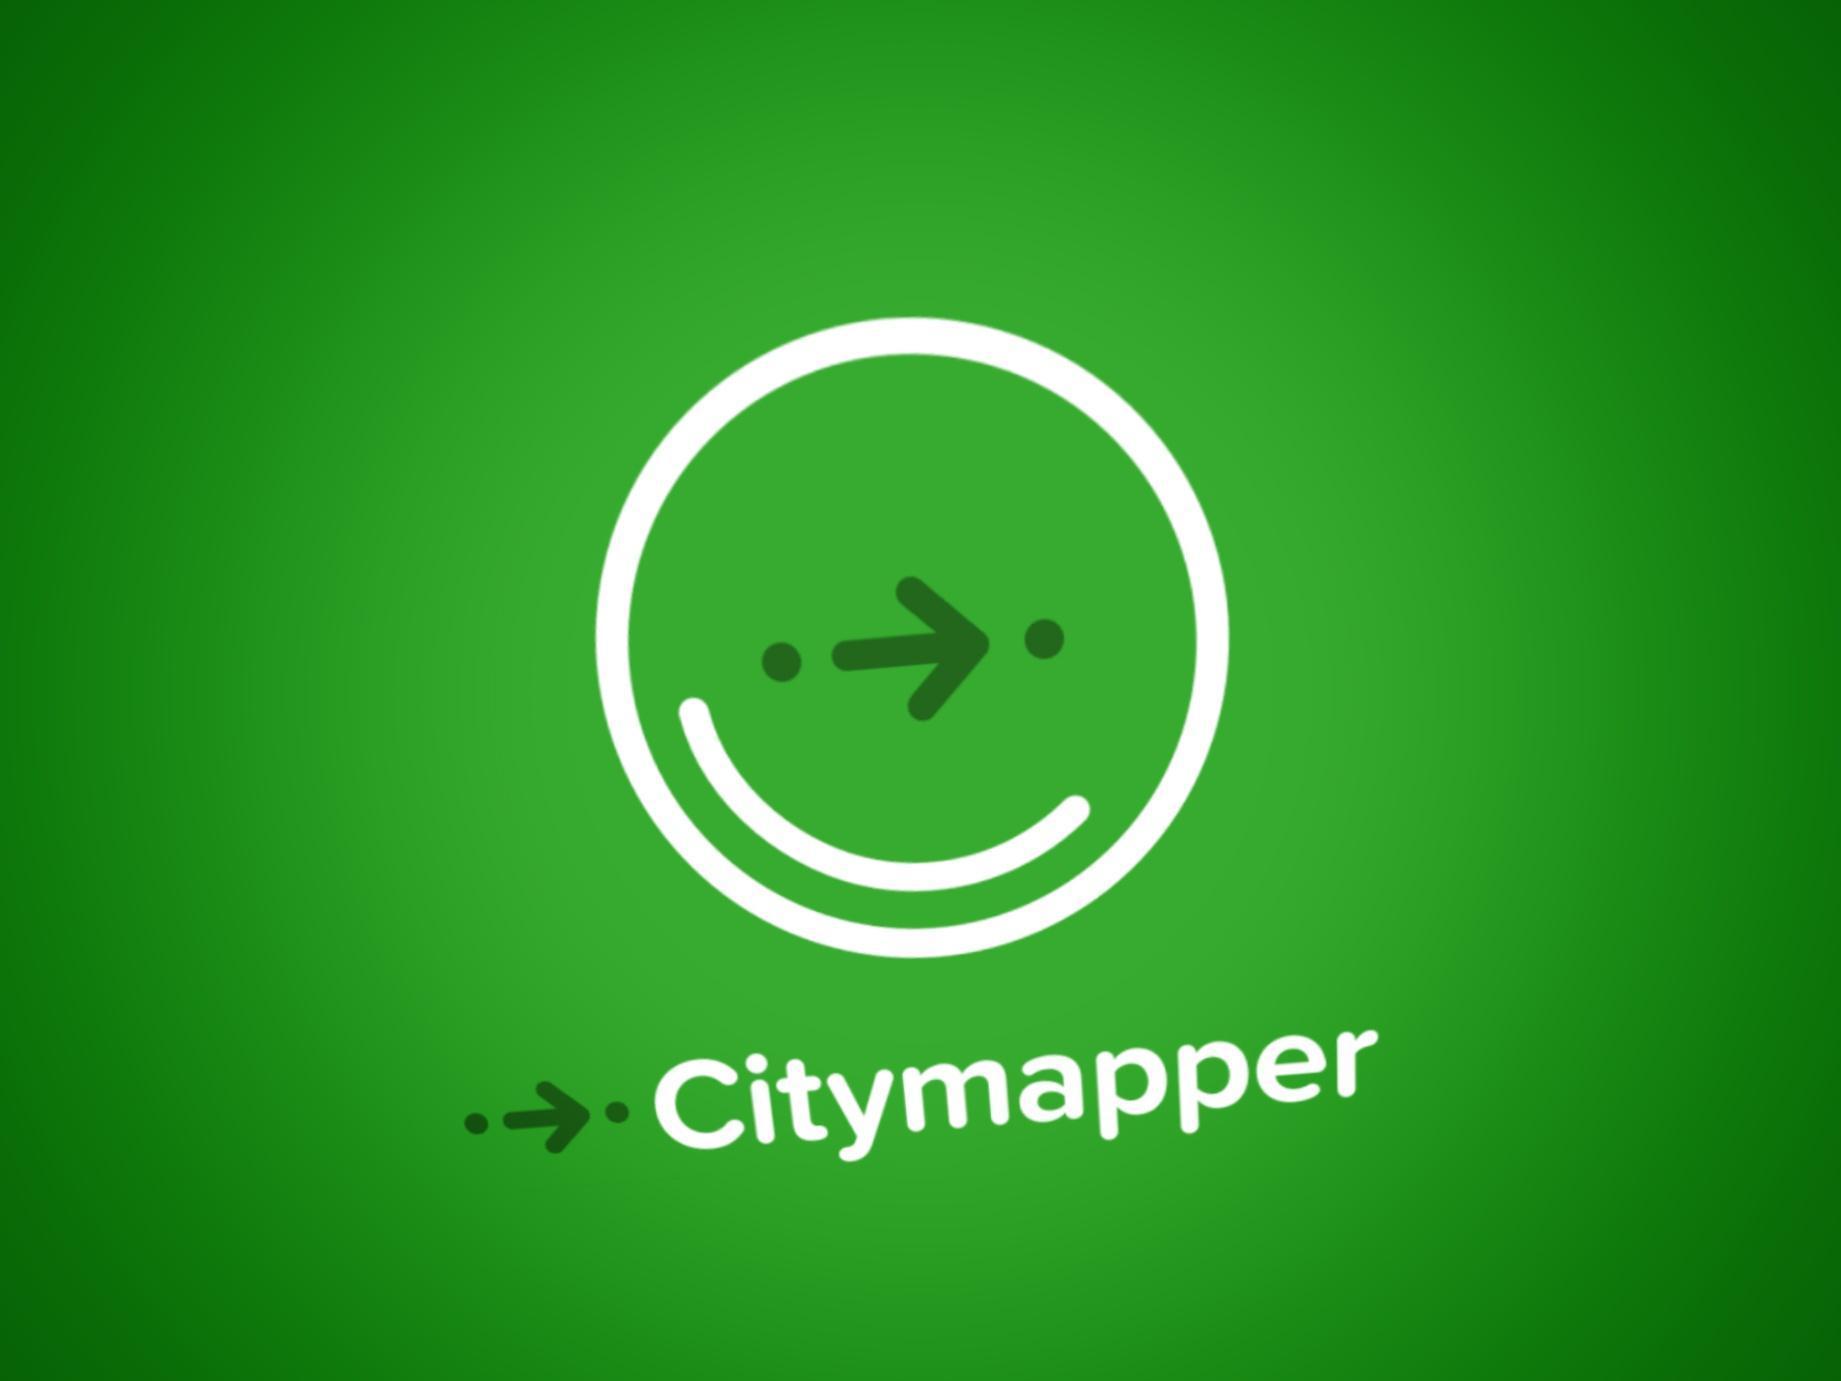 Aplicativos de Viagem - Citymapper